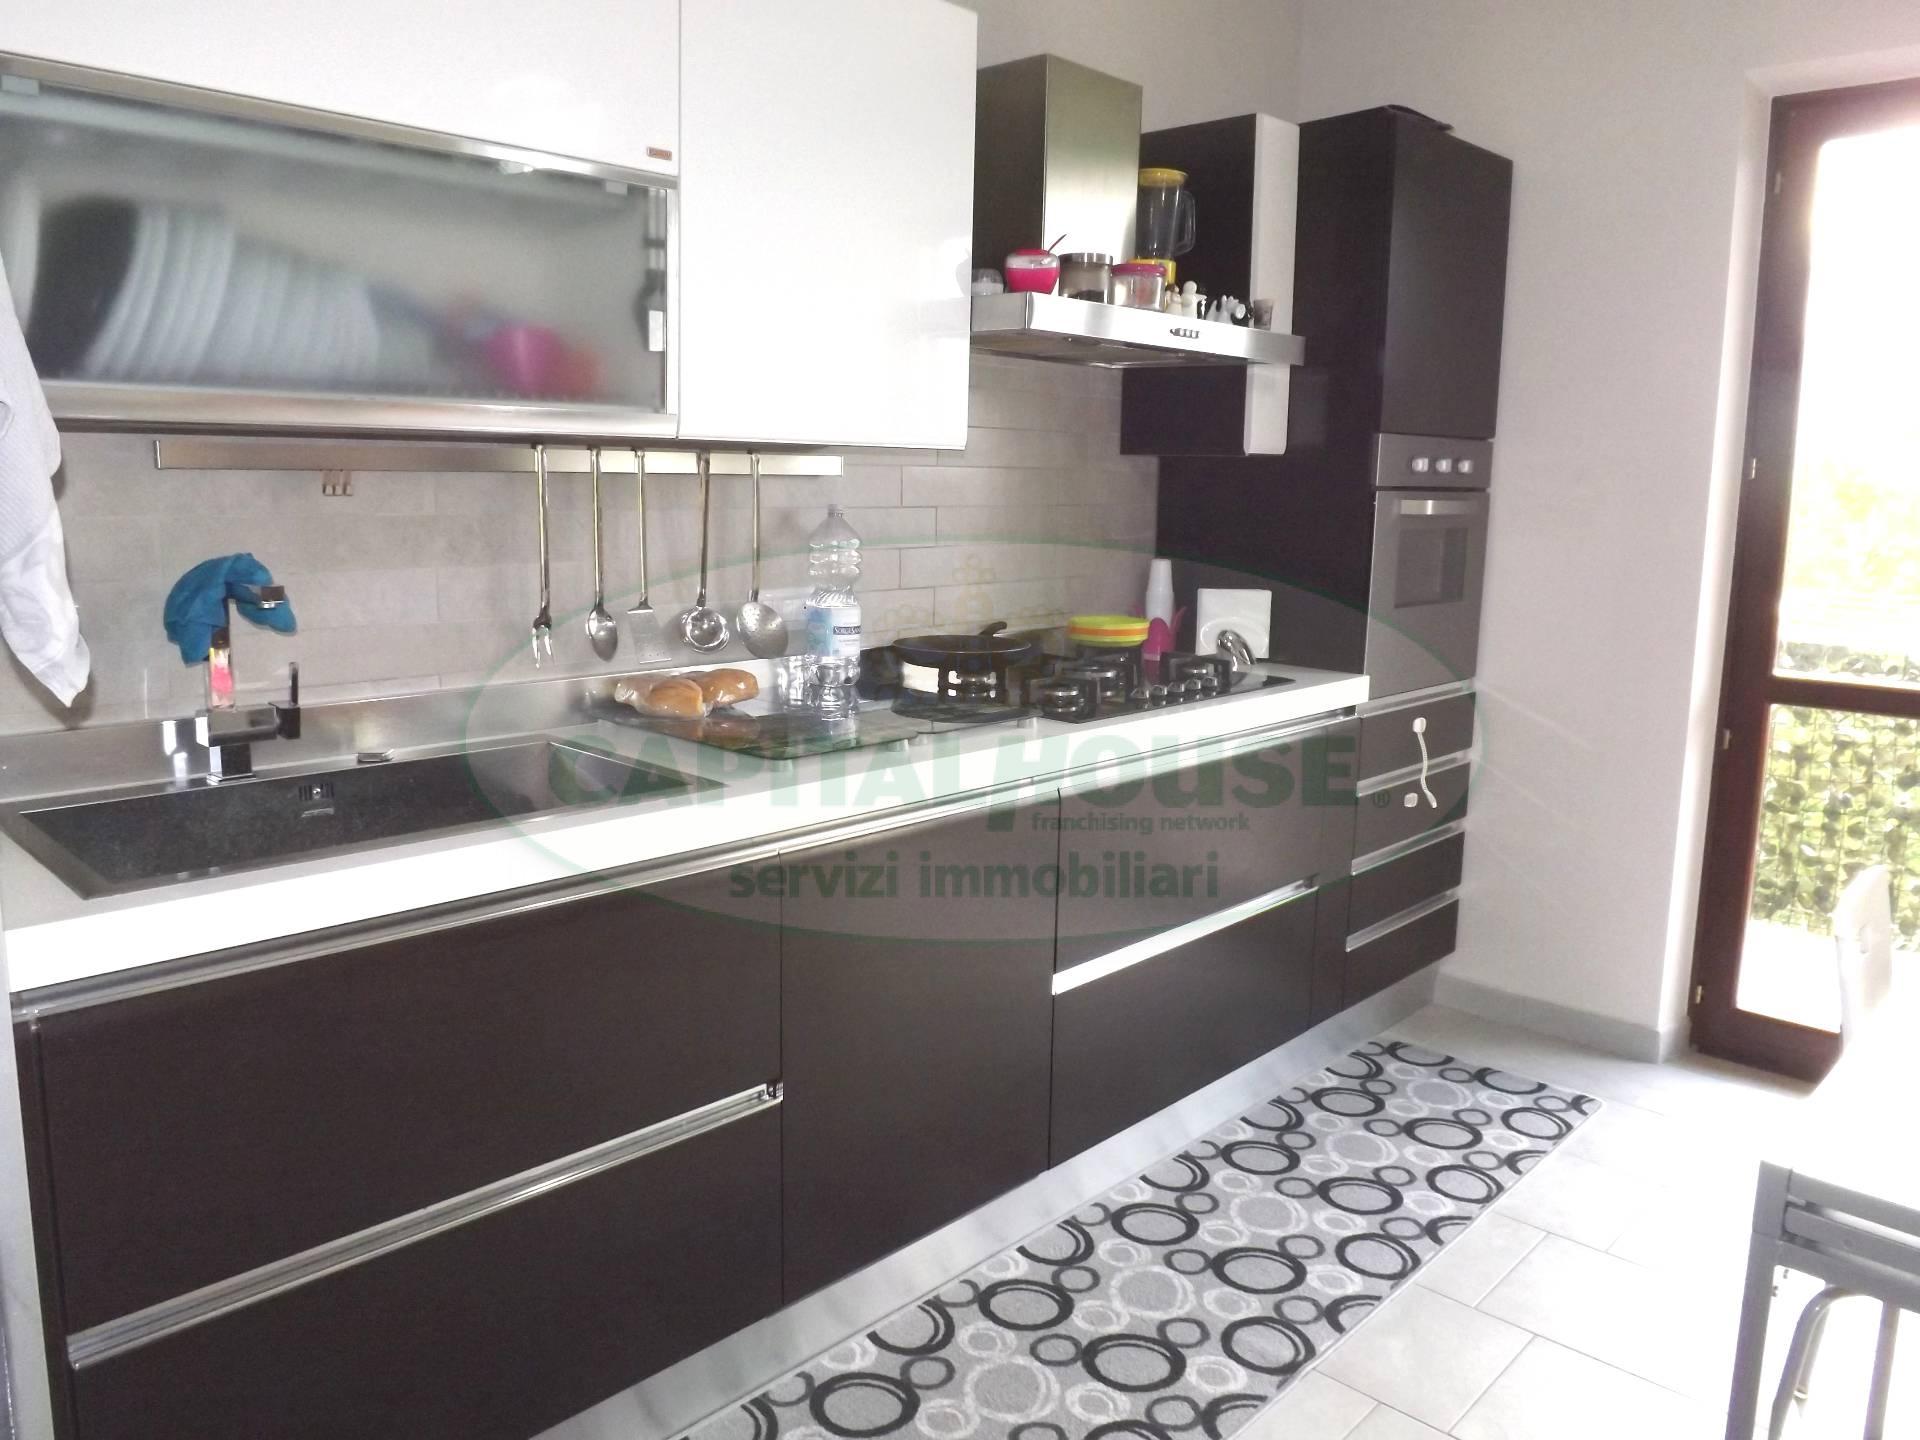 Appartamento in vendita a Prata di Principato Ultra, 3 locali, prezzo € 97.000 | Cambio Casa.it